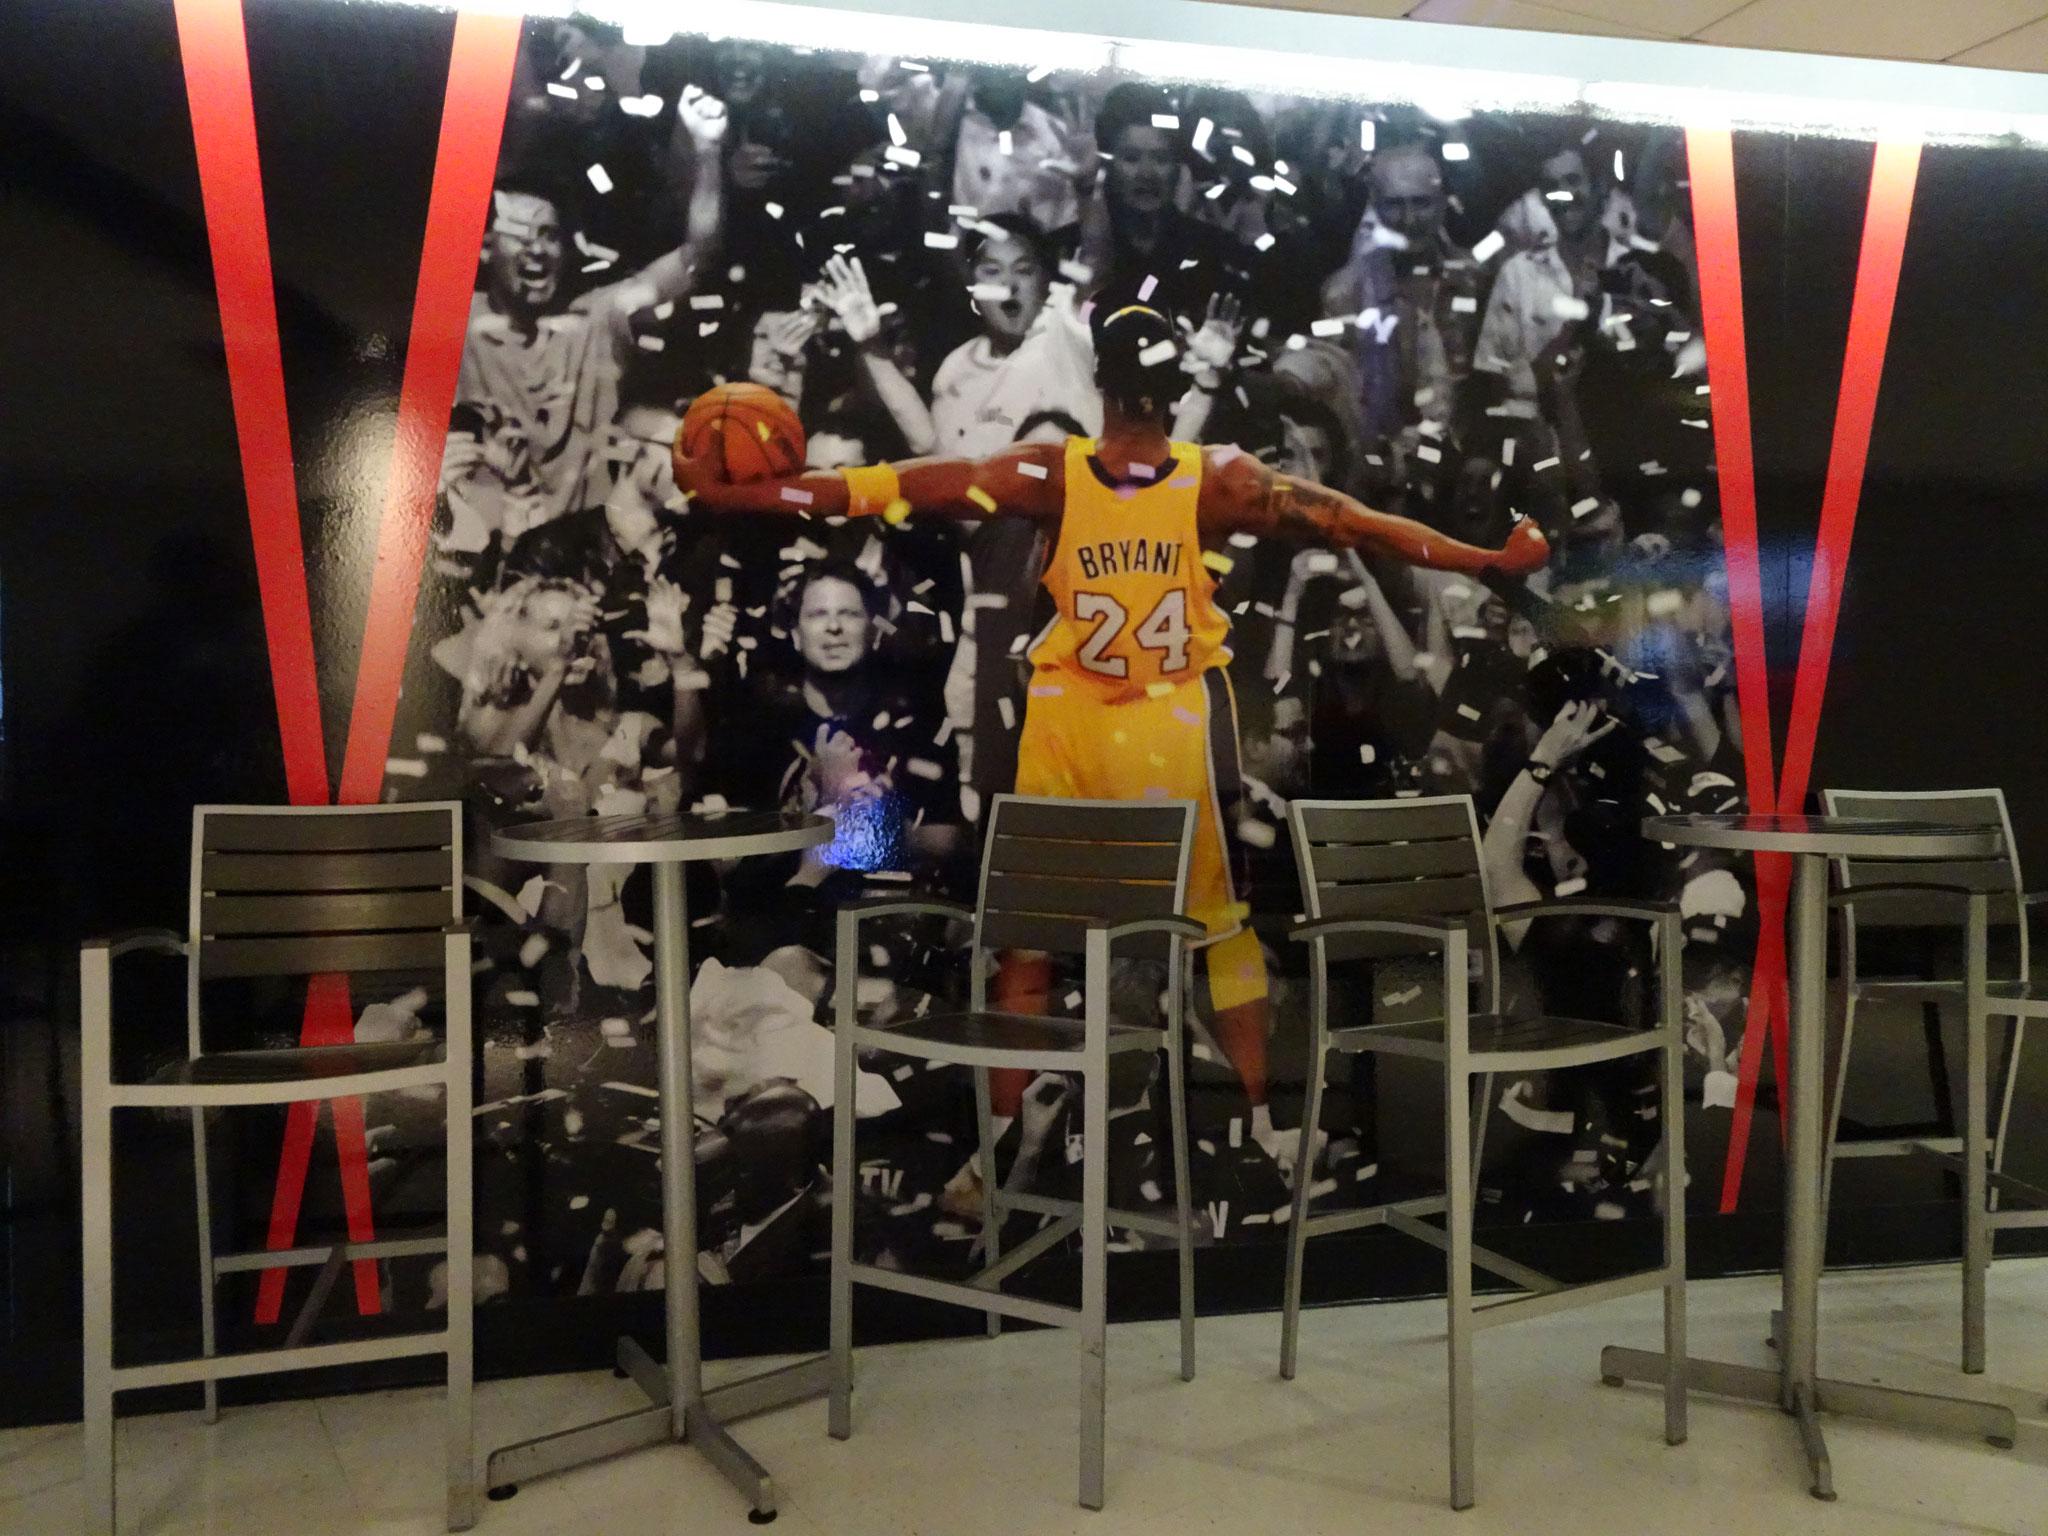 Dans les couloirs du Staples Center